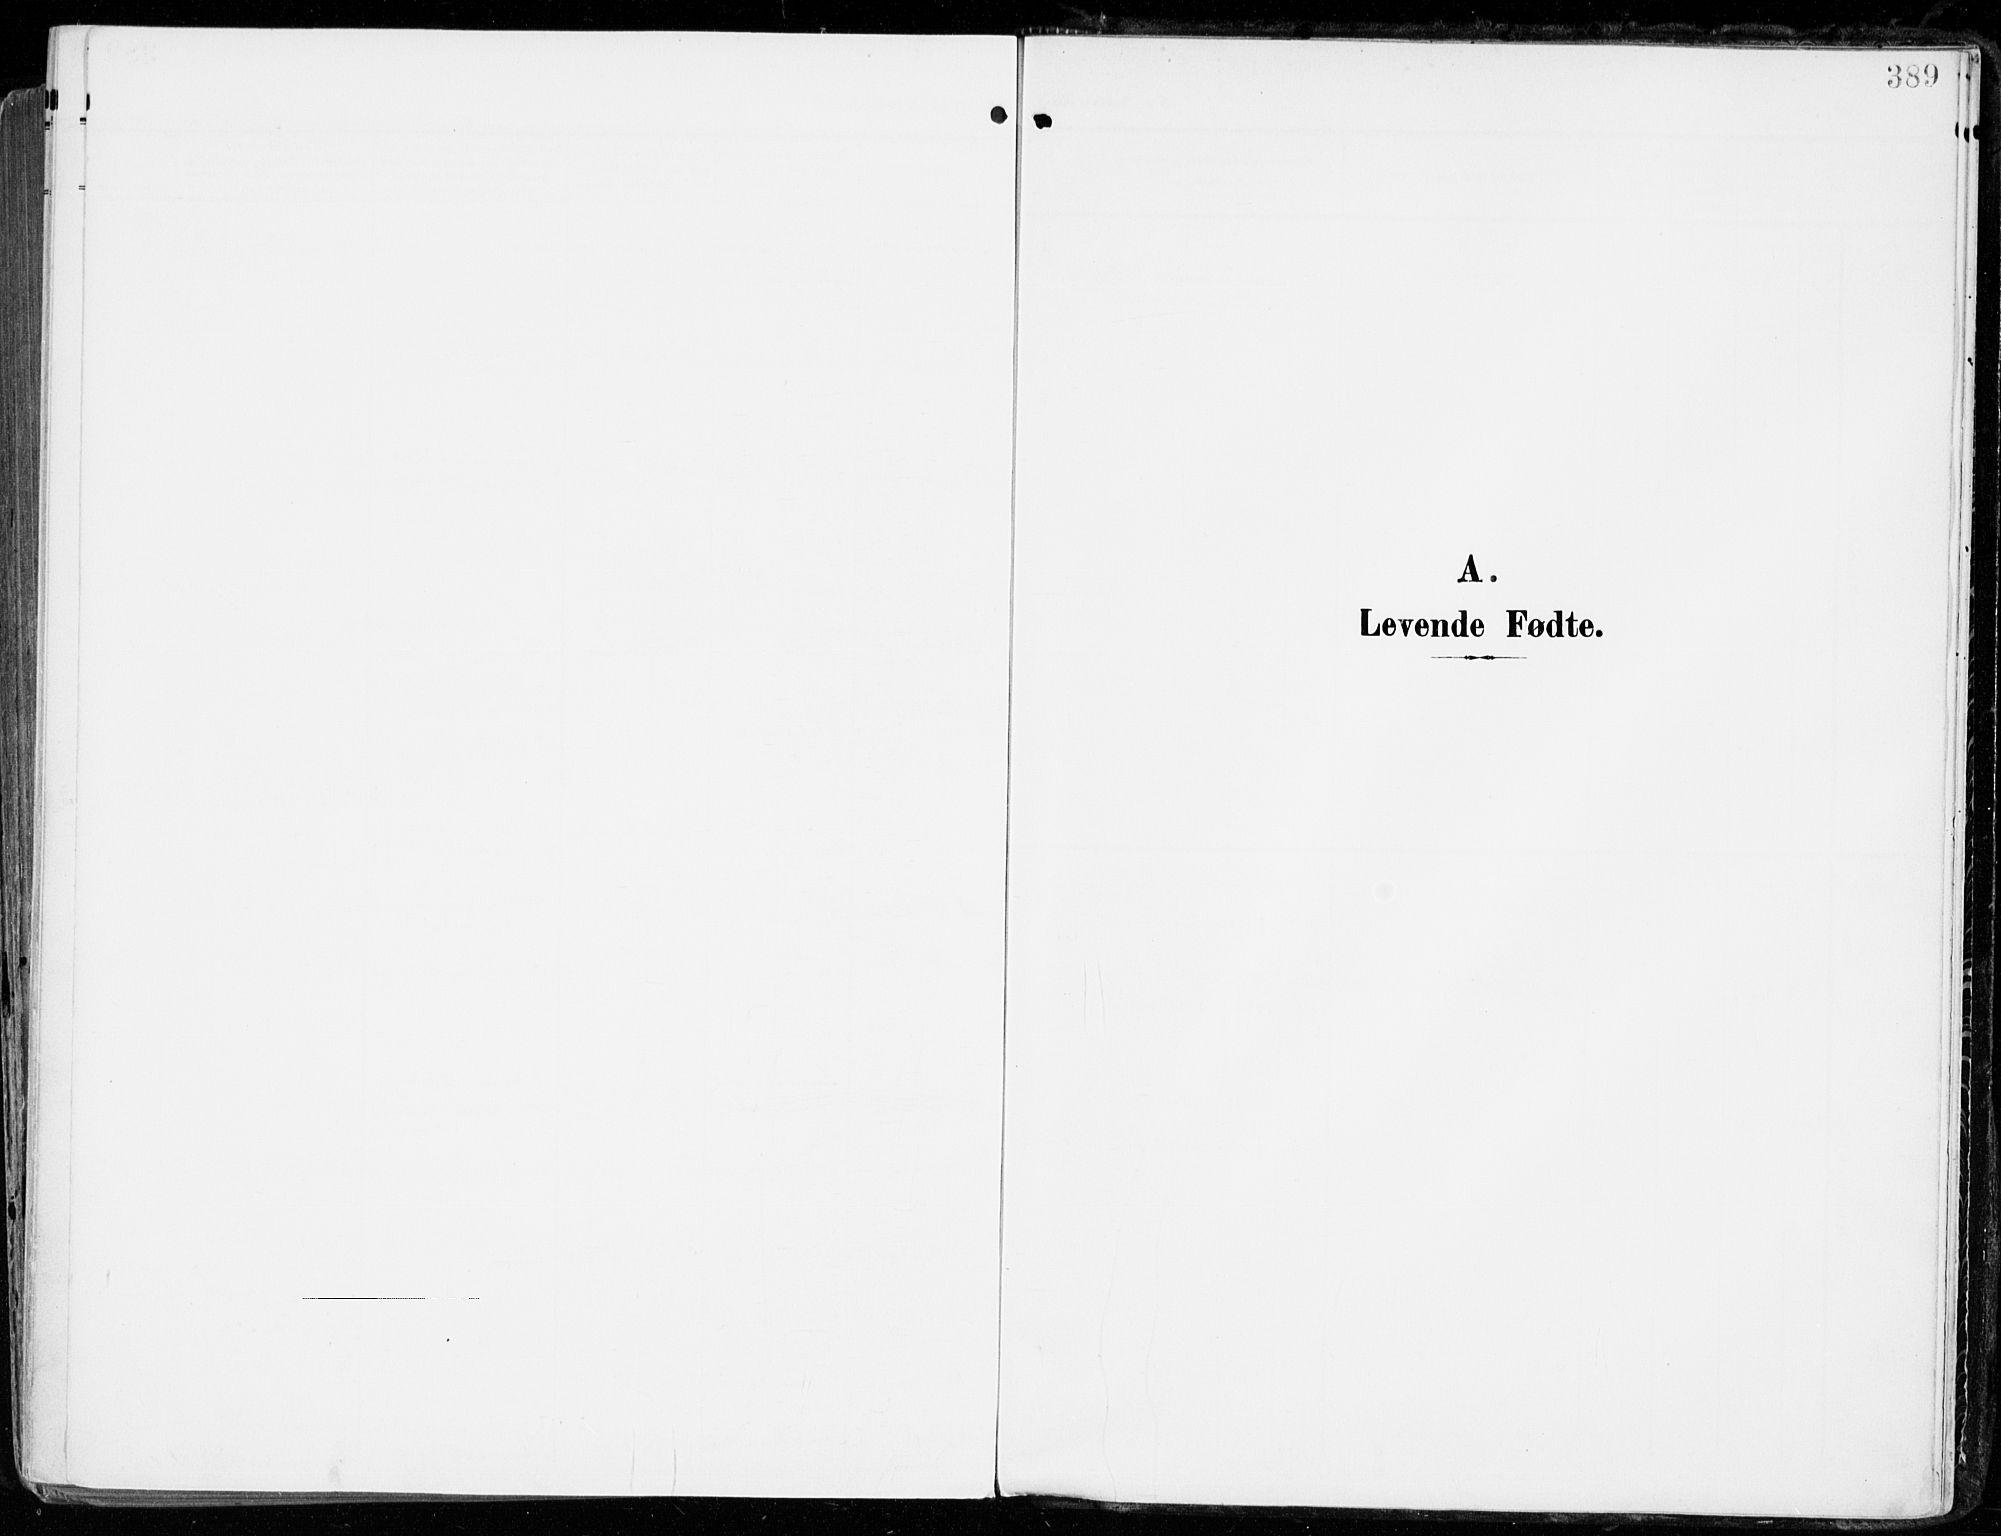 SAKO, Tjølling kirkebøker, F/Fa/L0010: Ministerialbok nr. 10, 1906-1923, s. 389